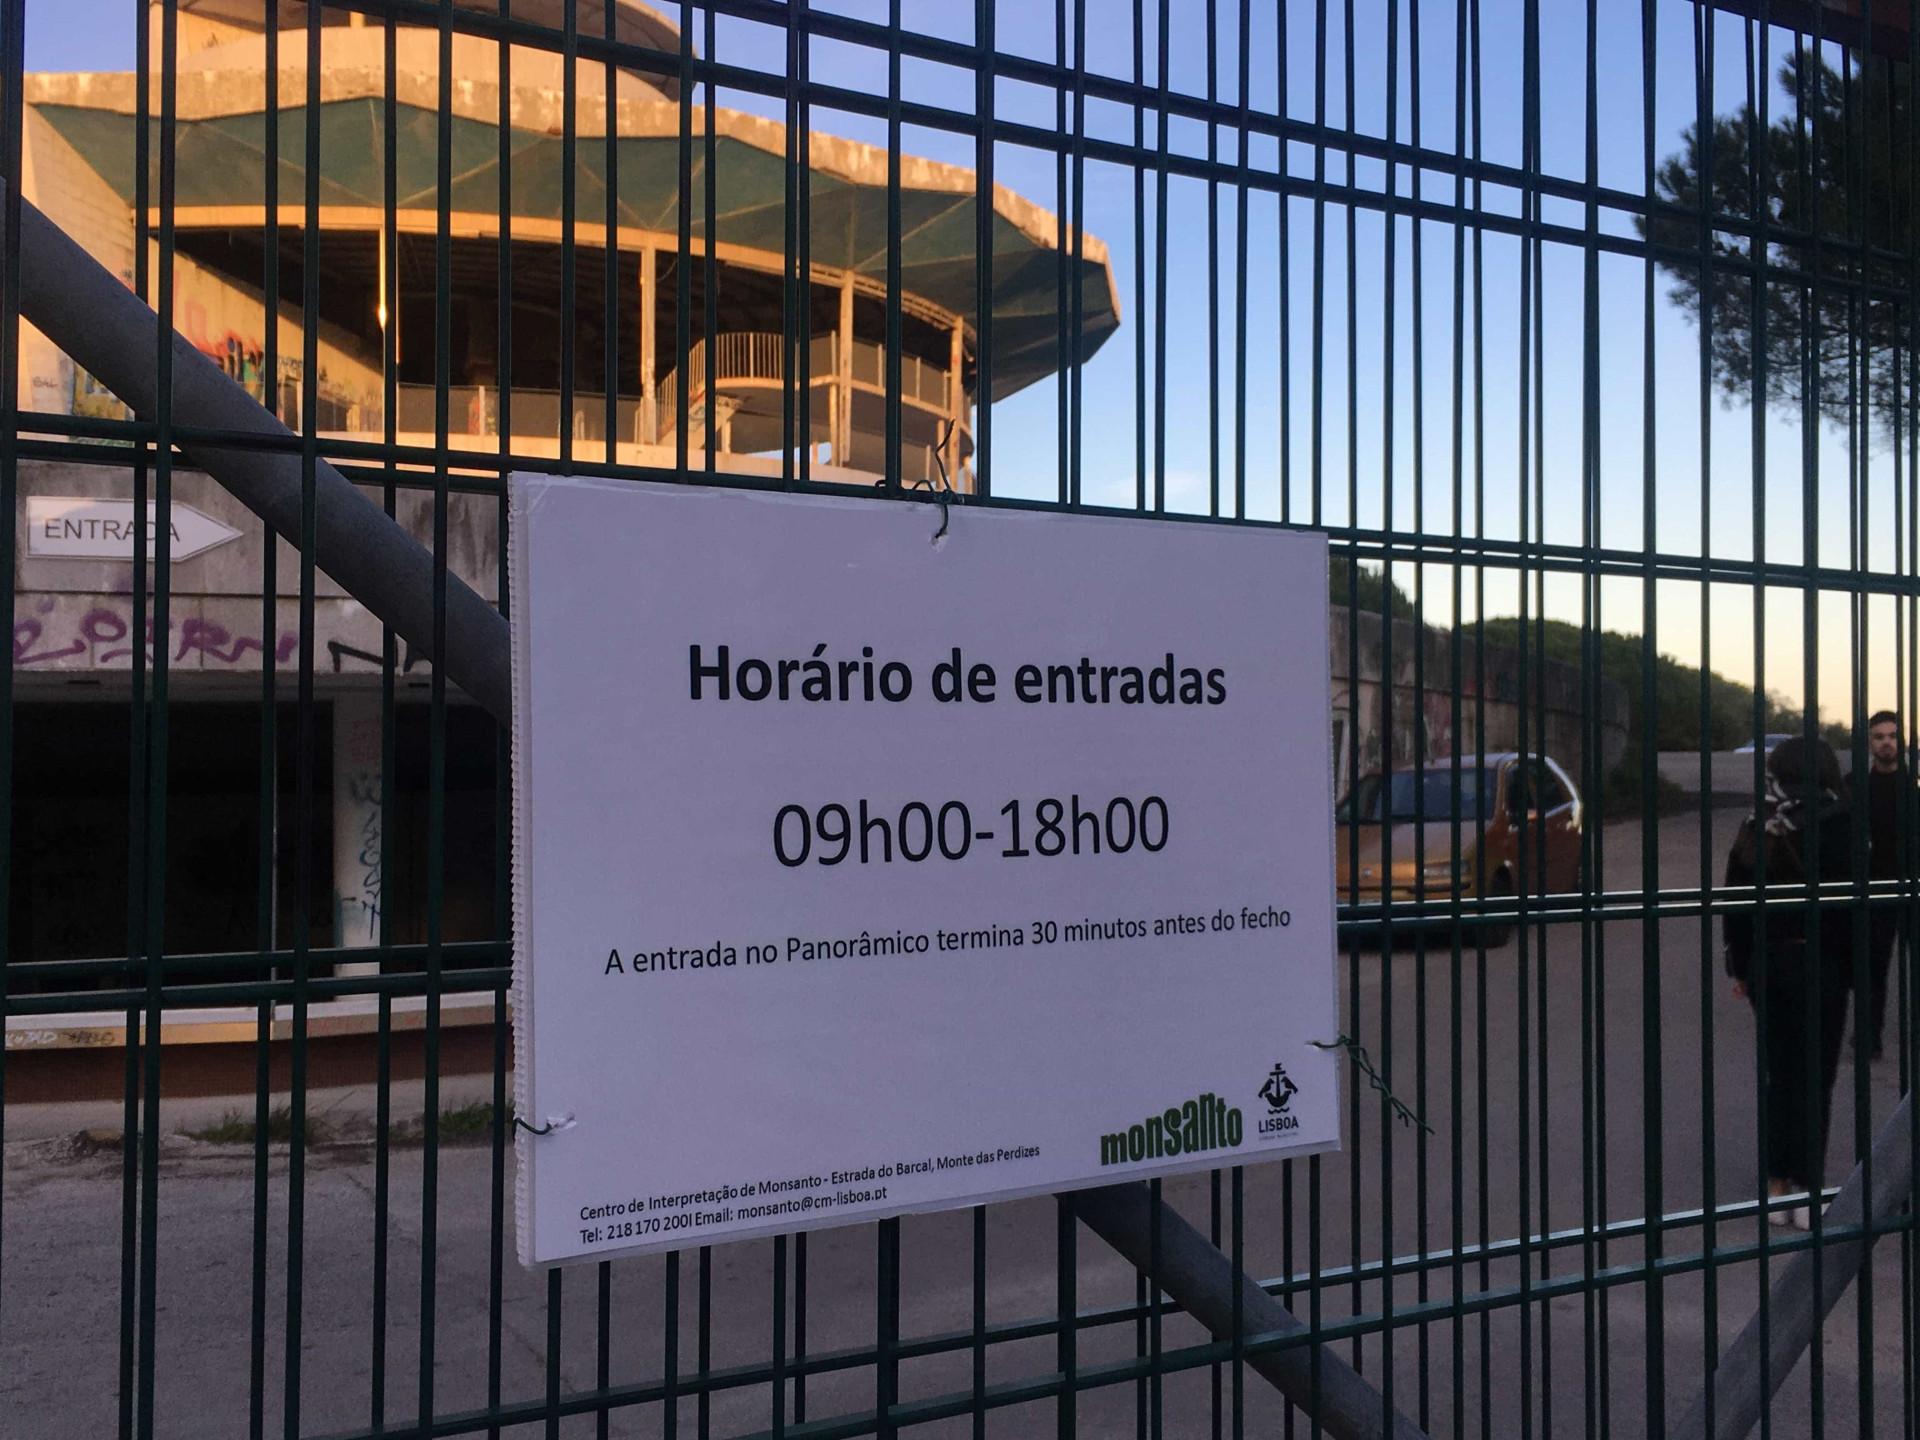 Panorâmico de Monsanto já não é ilegal. Mas terá perdido a magia?